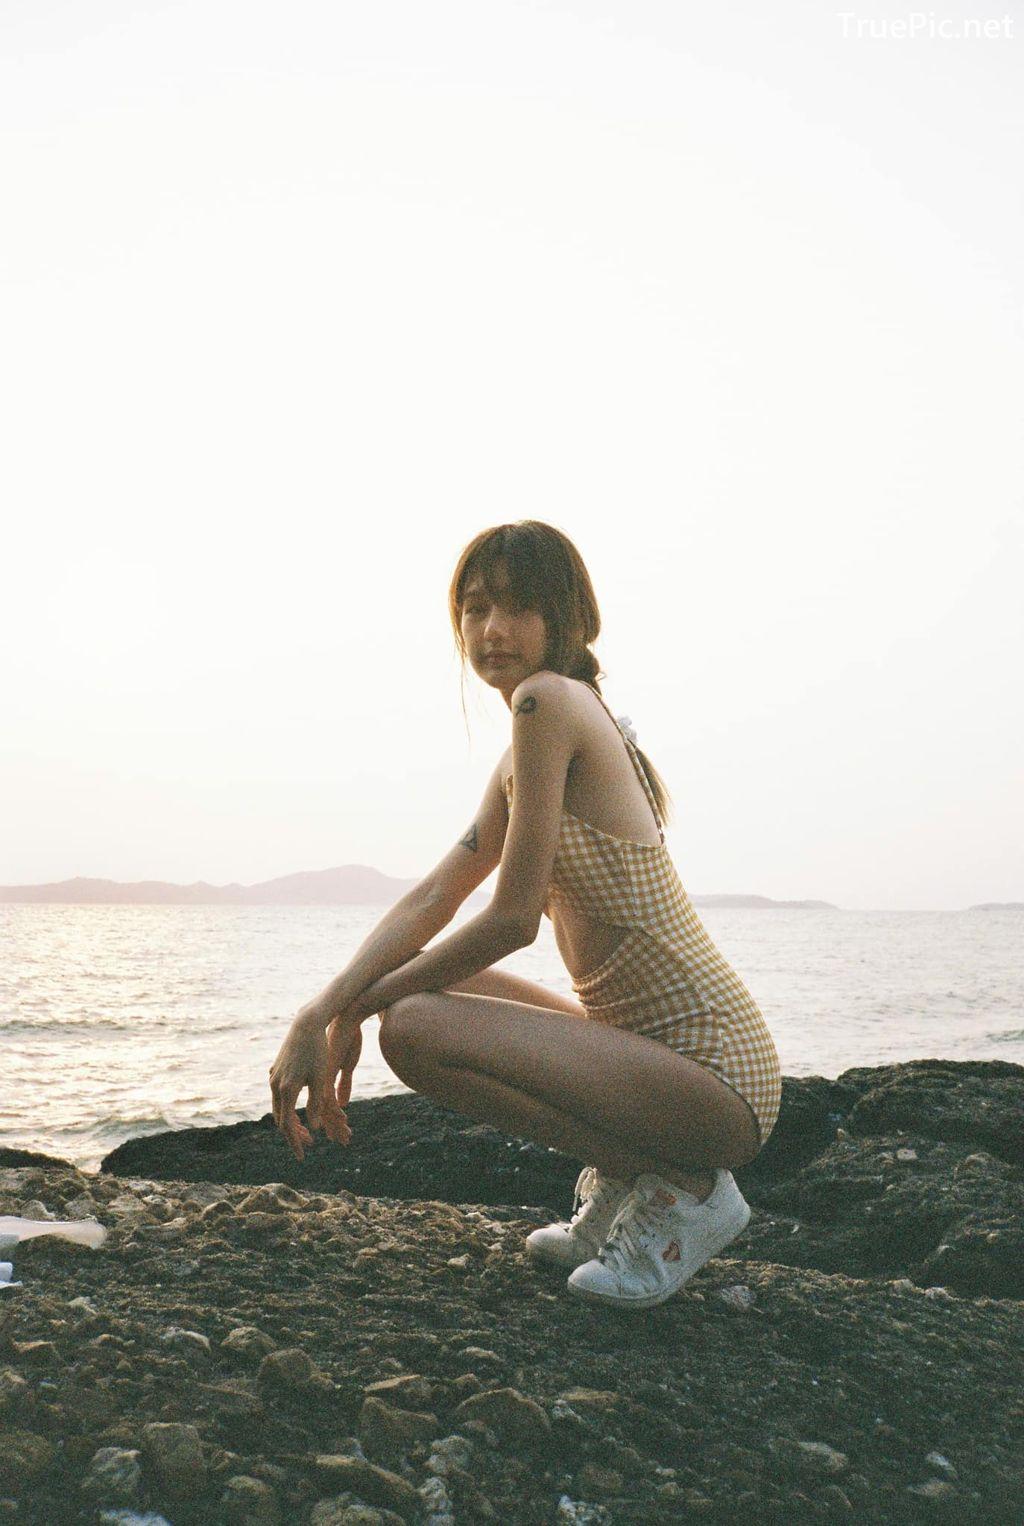 Image-Thailand-Model-Thanya-Siwasiriyangkoon-Yellow-Plaid-Monokini-TruePic.net- Picture-2